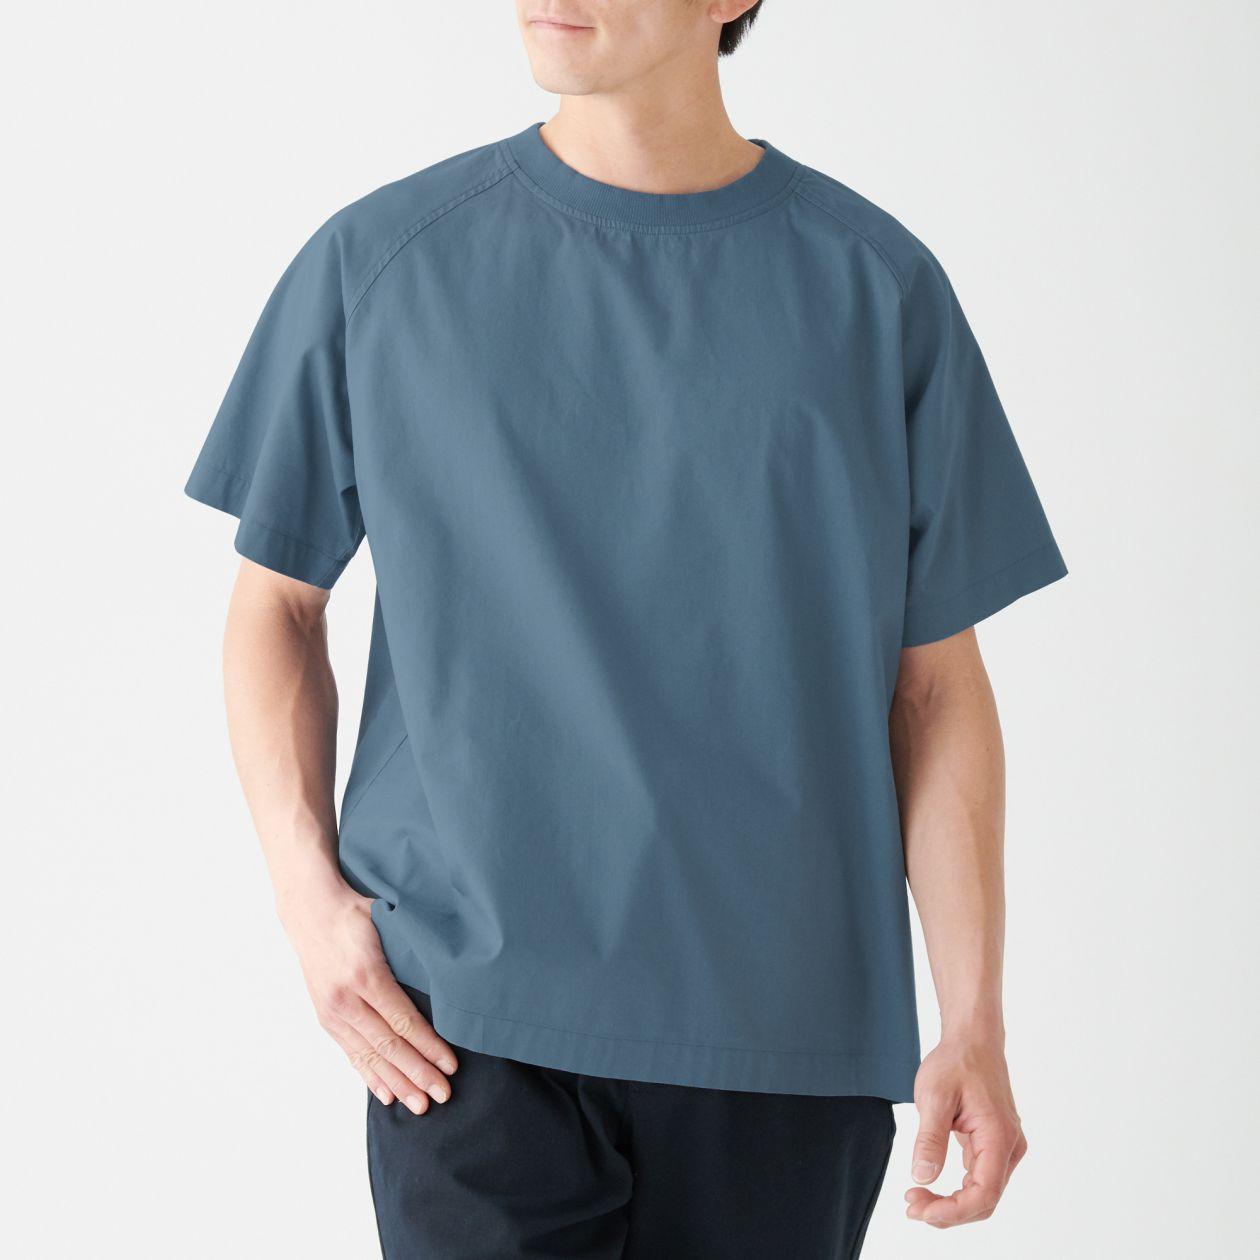 インド綿プルオーバー半袖シャツ S~M・スモーキーブルー